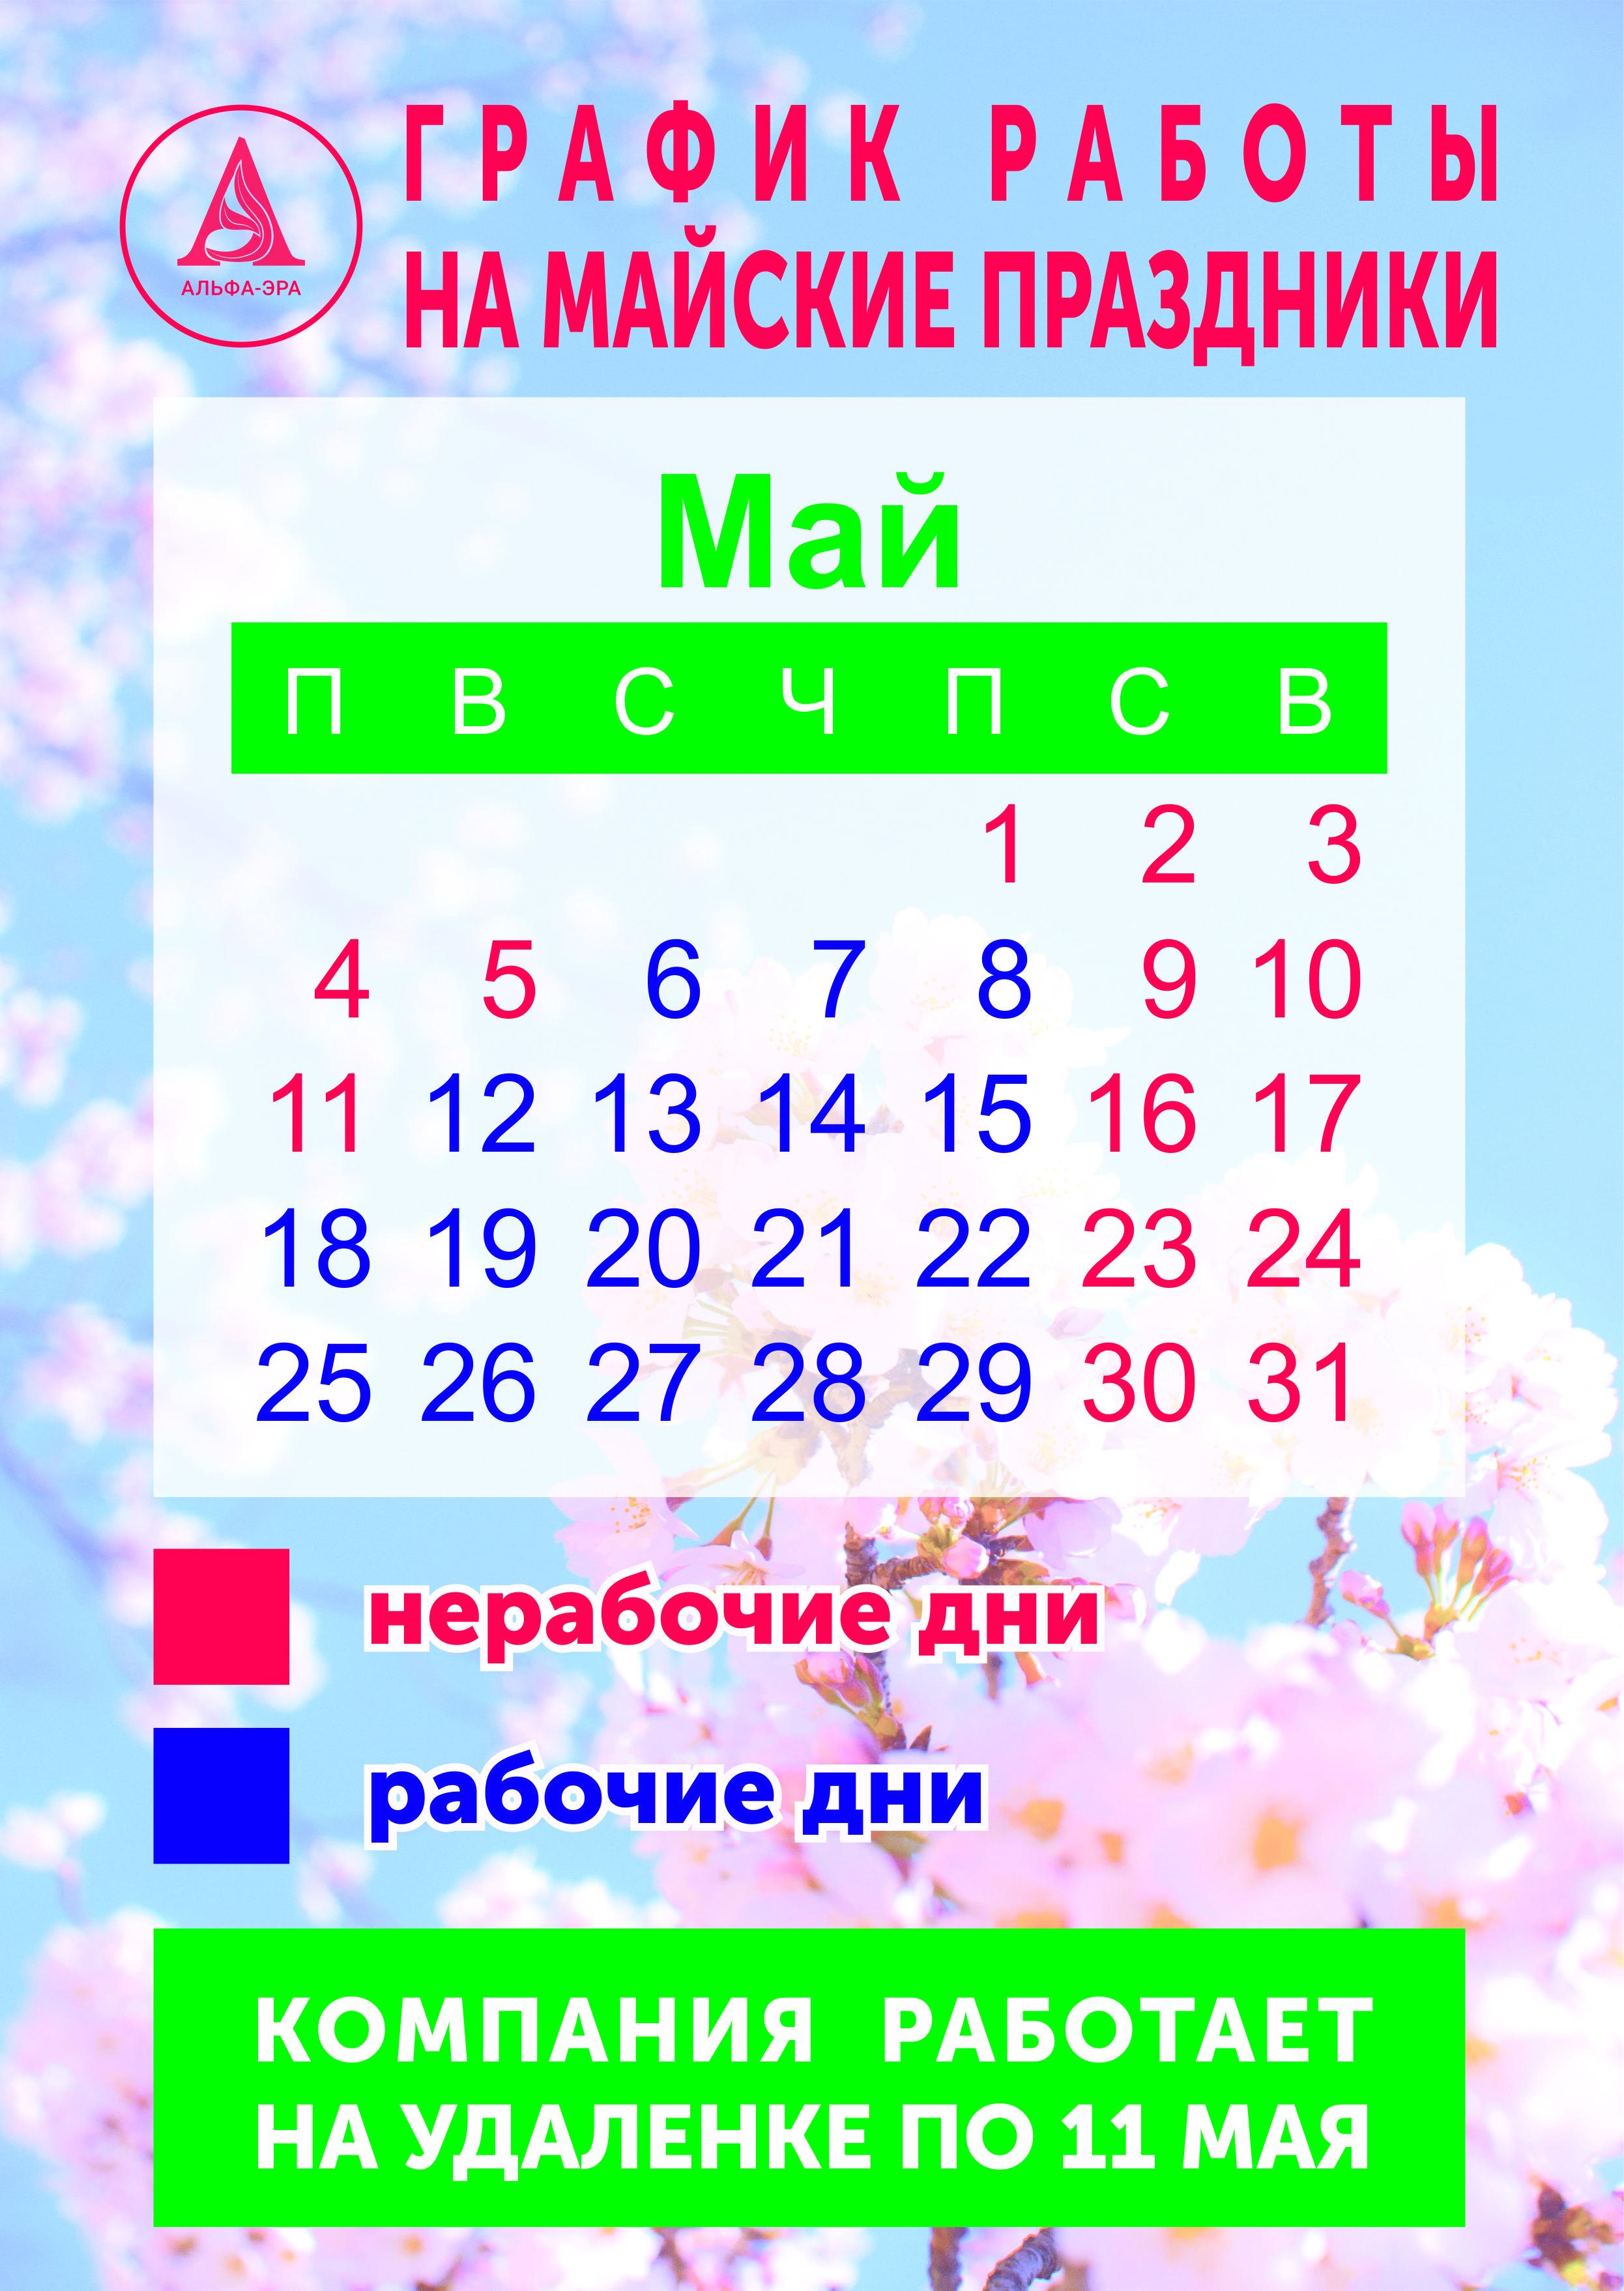 праздники в мае 2020